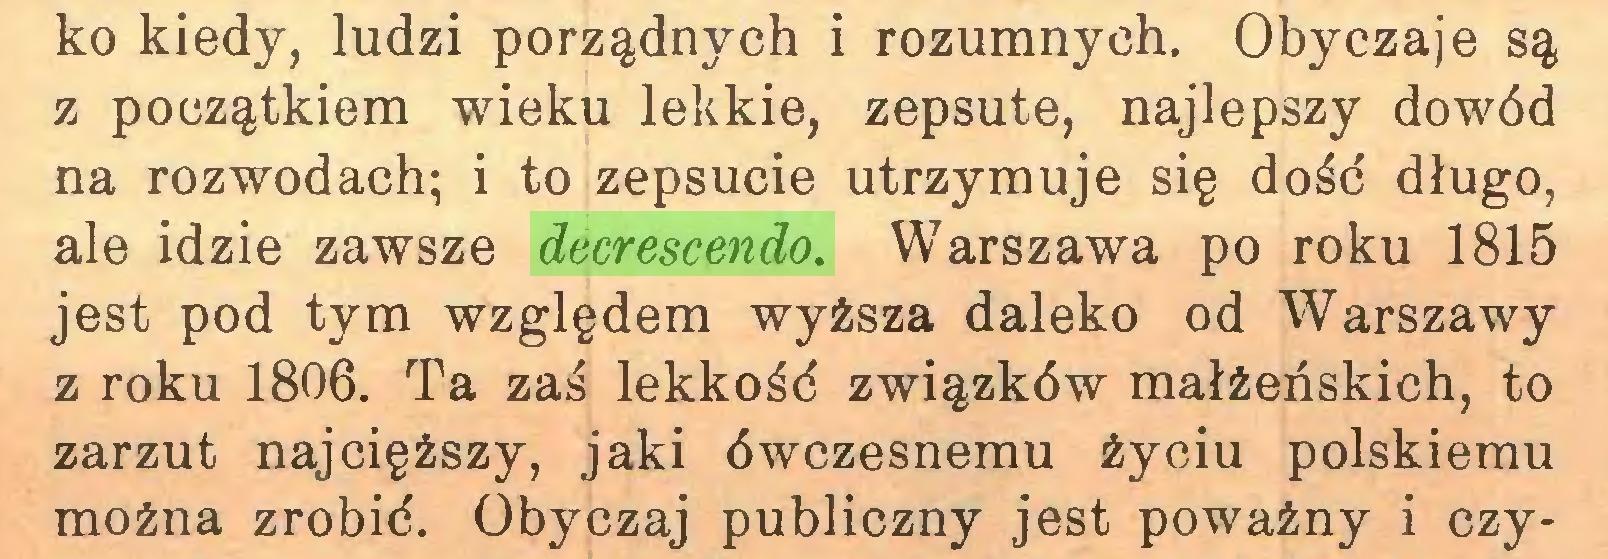 (...) ko kiedy, ludzi porządnych i rozumnych. Obyczaje są z początkiem wieku lekkie, zepsute, najlepszy dowód na rozwodach; i to zepsucie utrzymuje się dość długo, ale idzie zawsze decrescendo. Warszawa po roku 1815 jest pod tym względem wyższa daleko od Warszawy z roku 1806. Ta zaś lekkość związków małżeńskich, to zarzut najcięższy, jaki ówczesnemu życiu polskiemu można zrobić. Obyczaj publiczny jest poważny i czy...